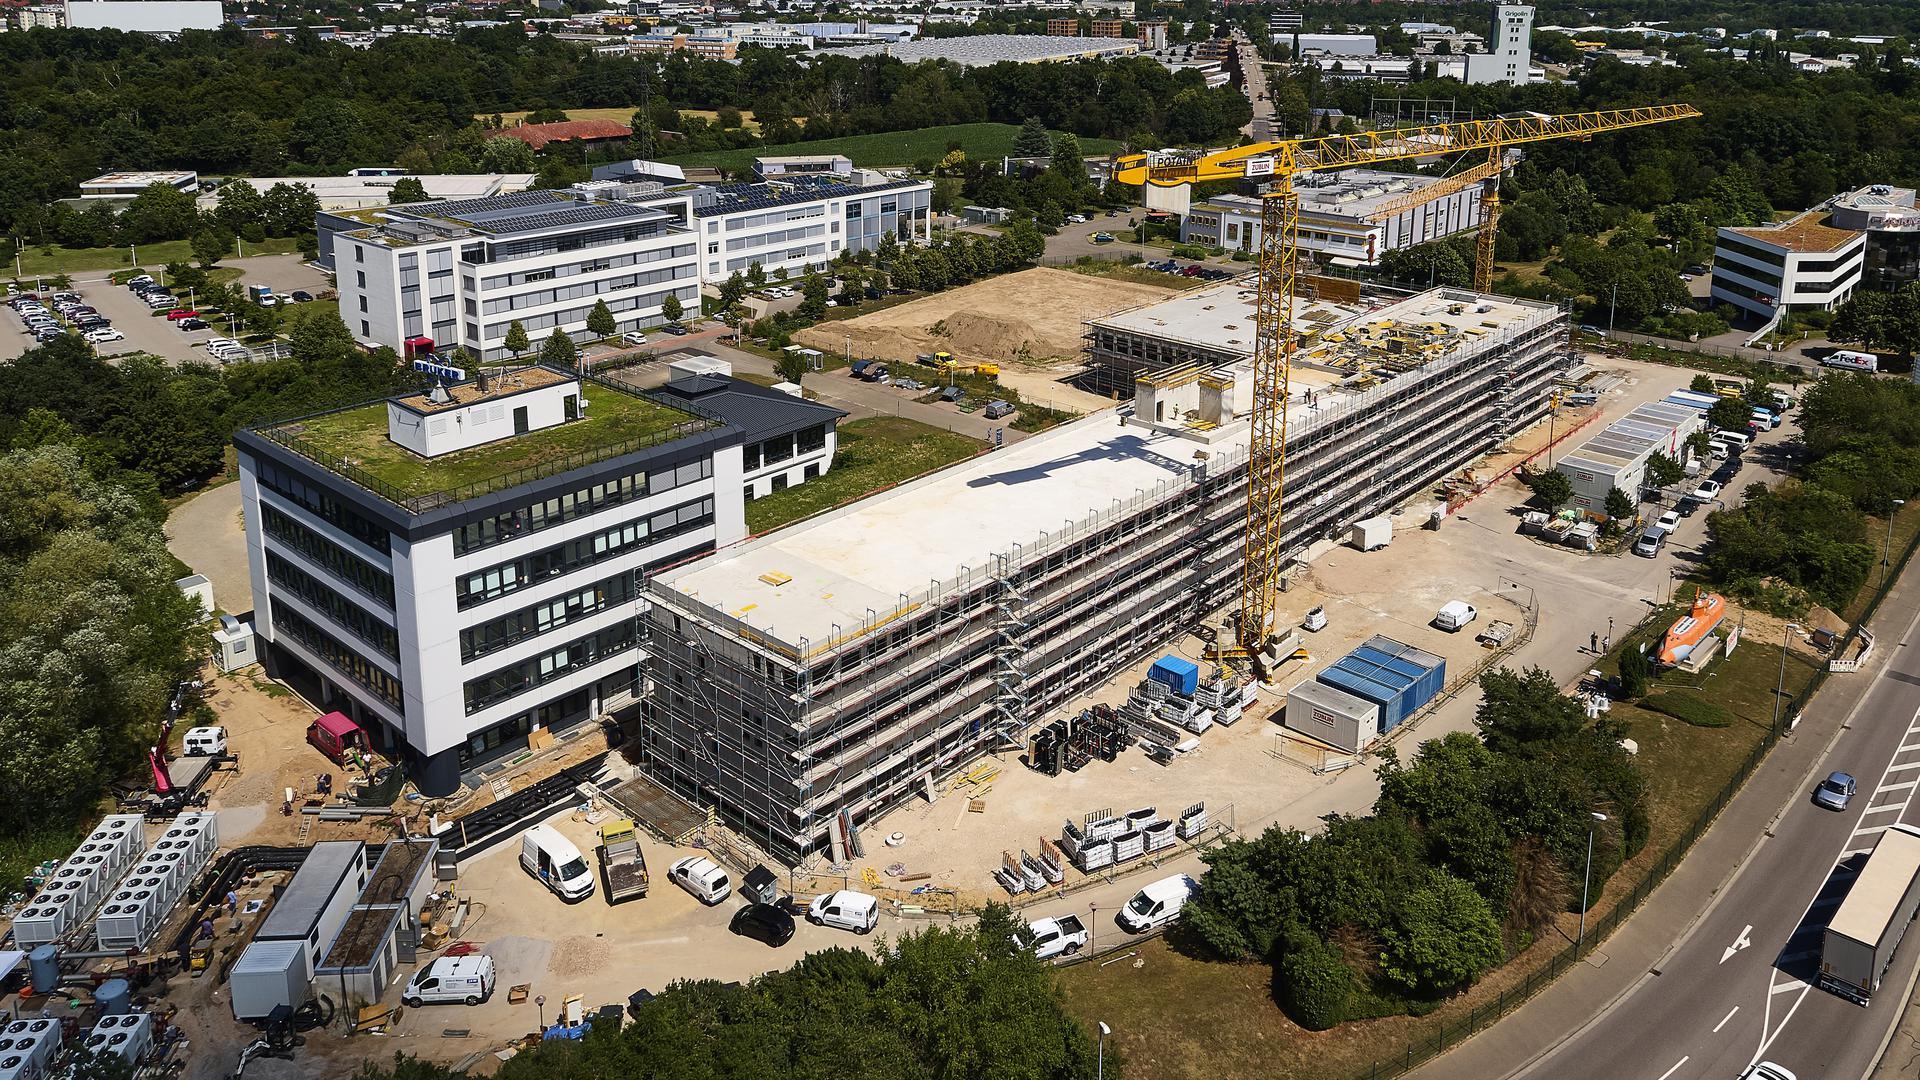 Bauarbeiten am Bruker-Campus in Ettlingen